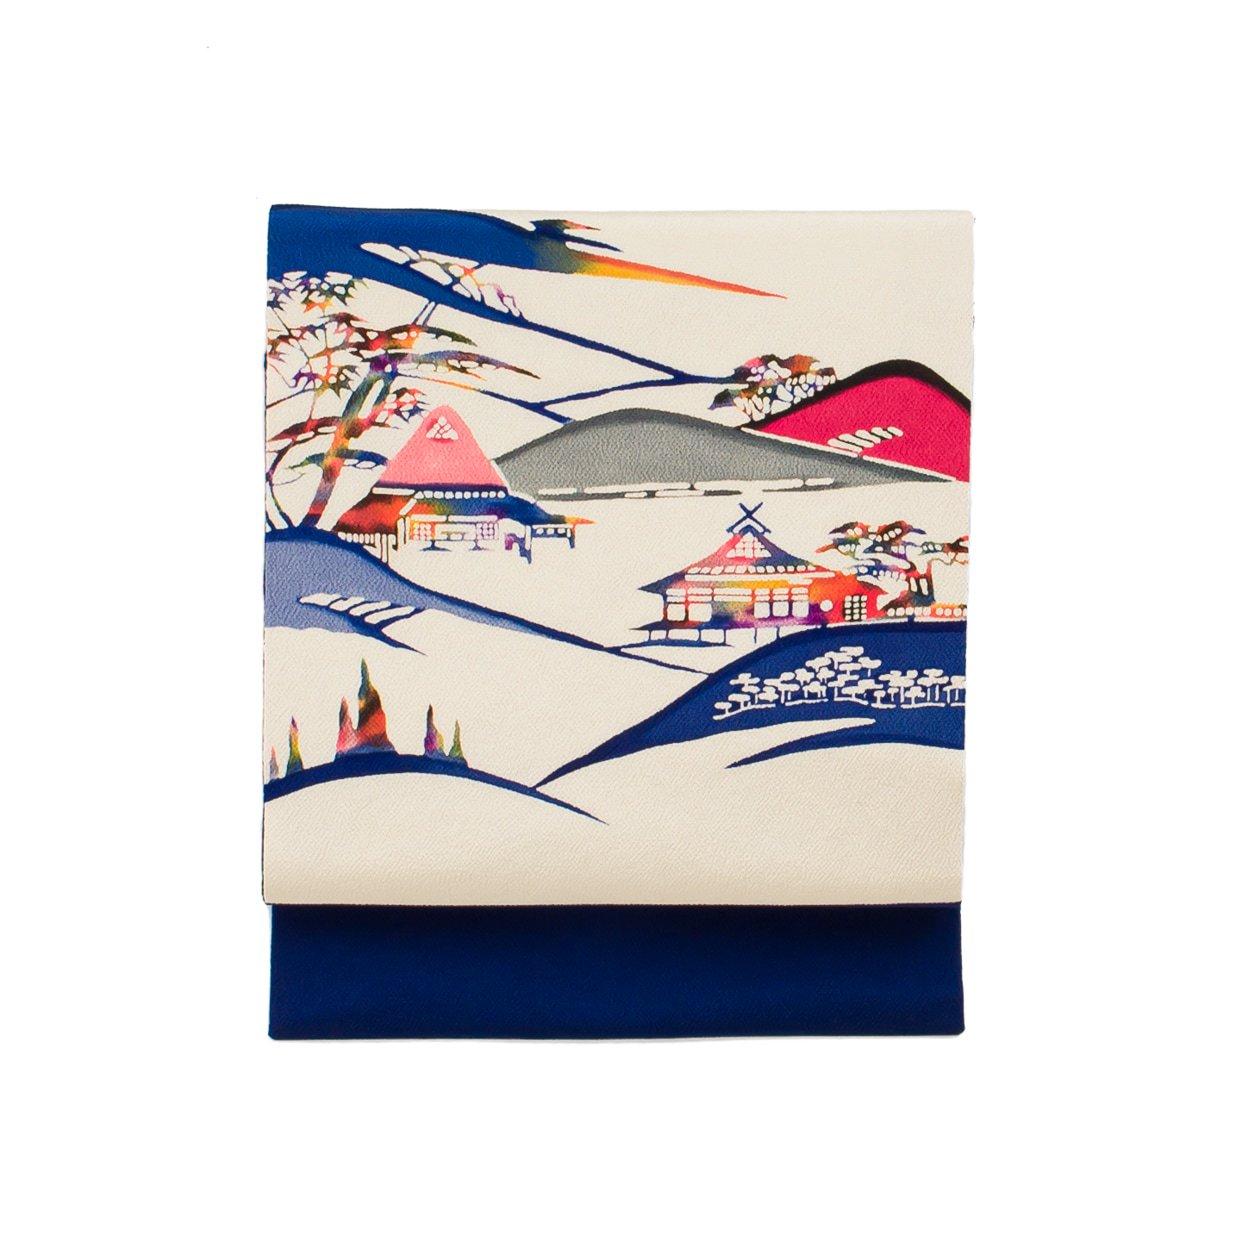 「重なる山と民家」の商品画像